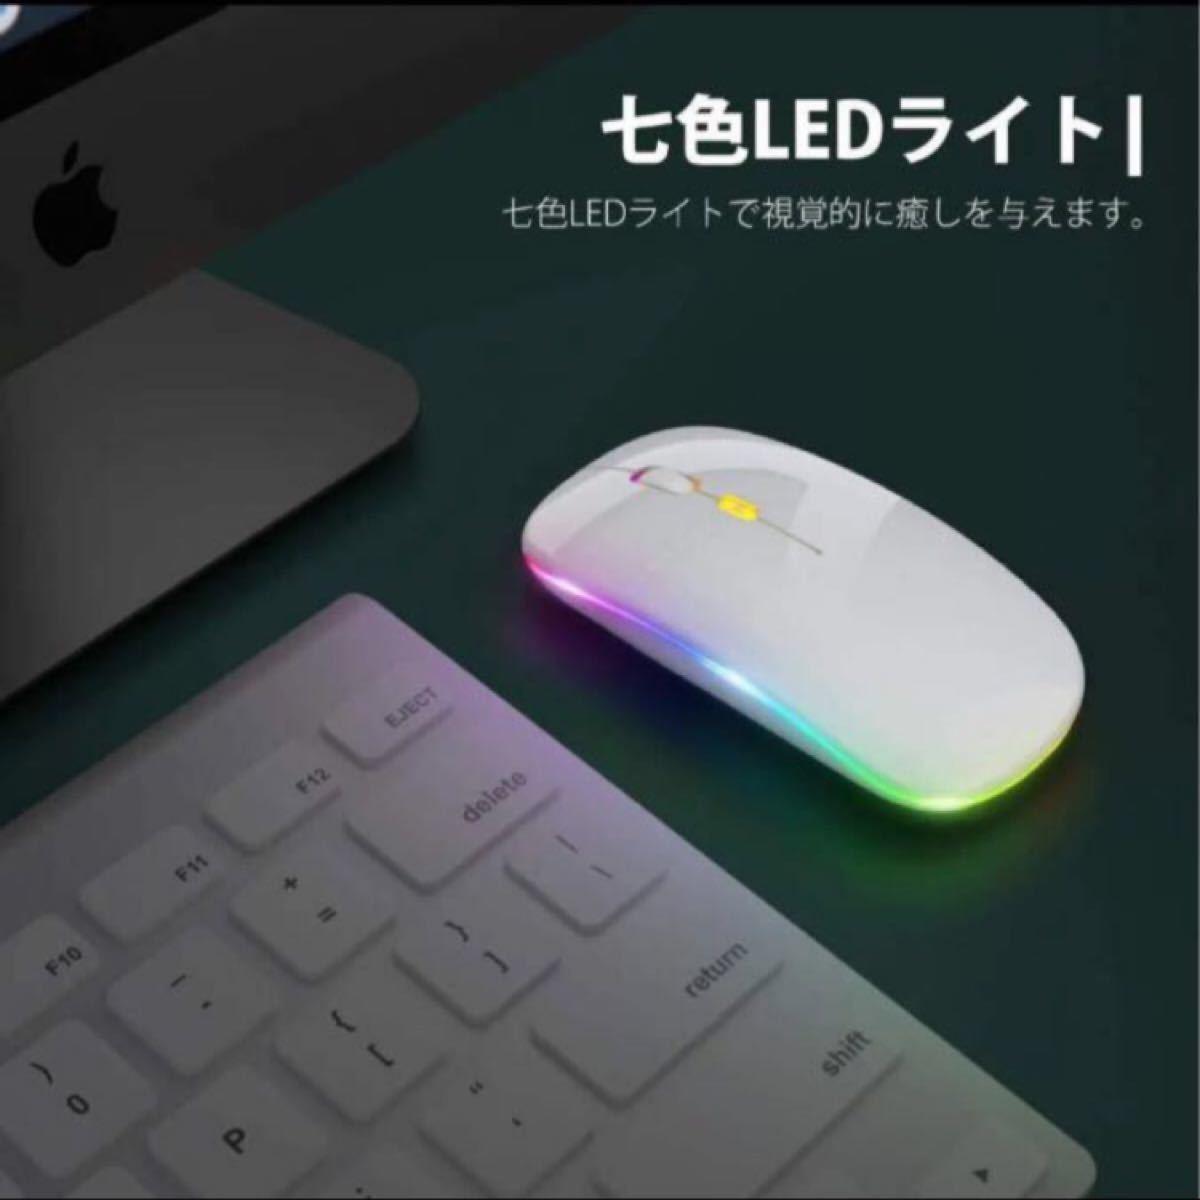 【最新版】ワイヤレスマウス 静音 超軽量 USB 薄型 パソコン PC ホワイト